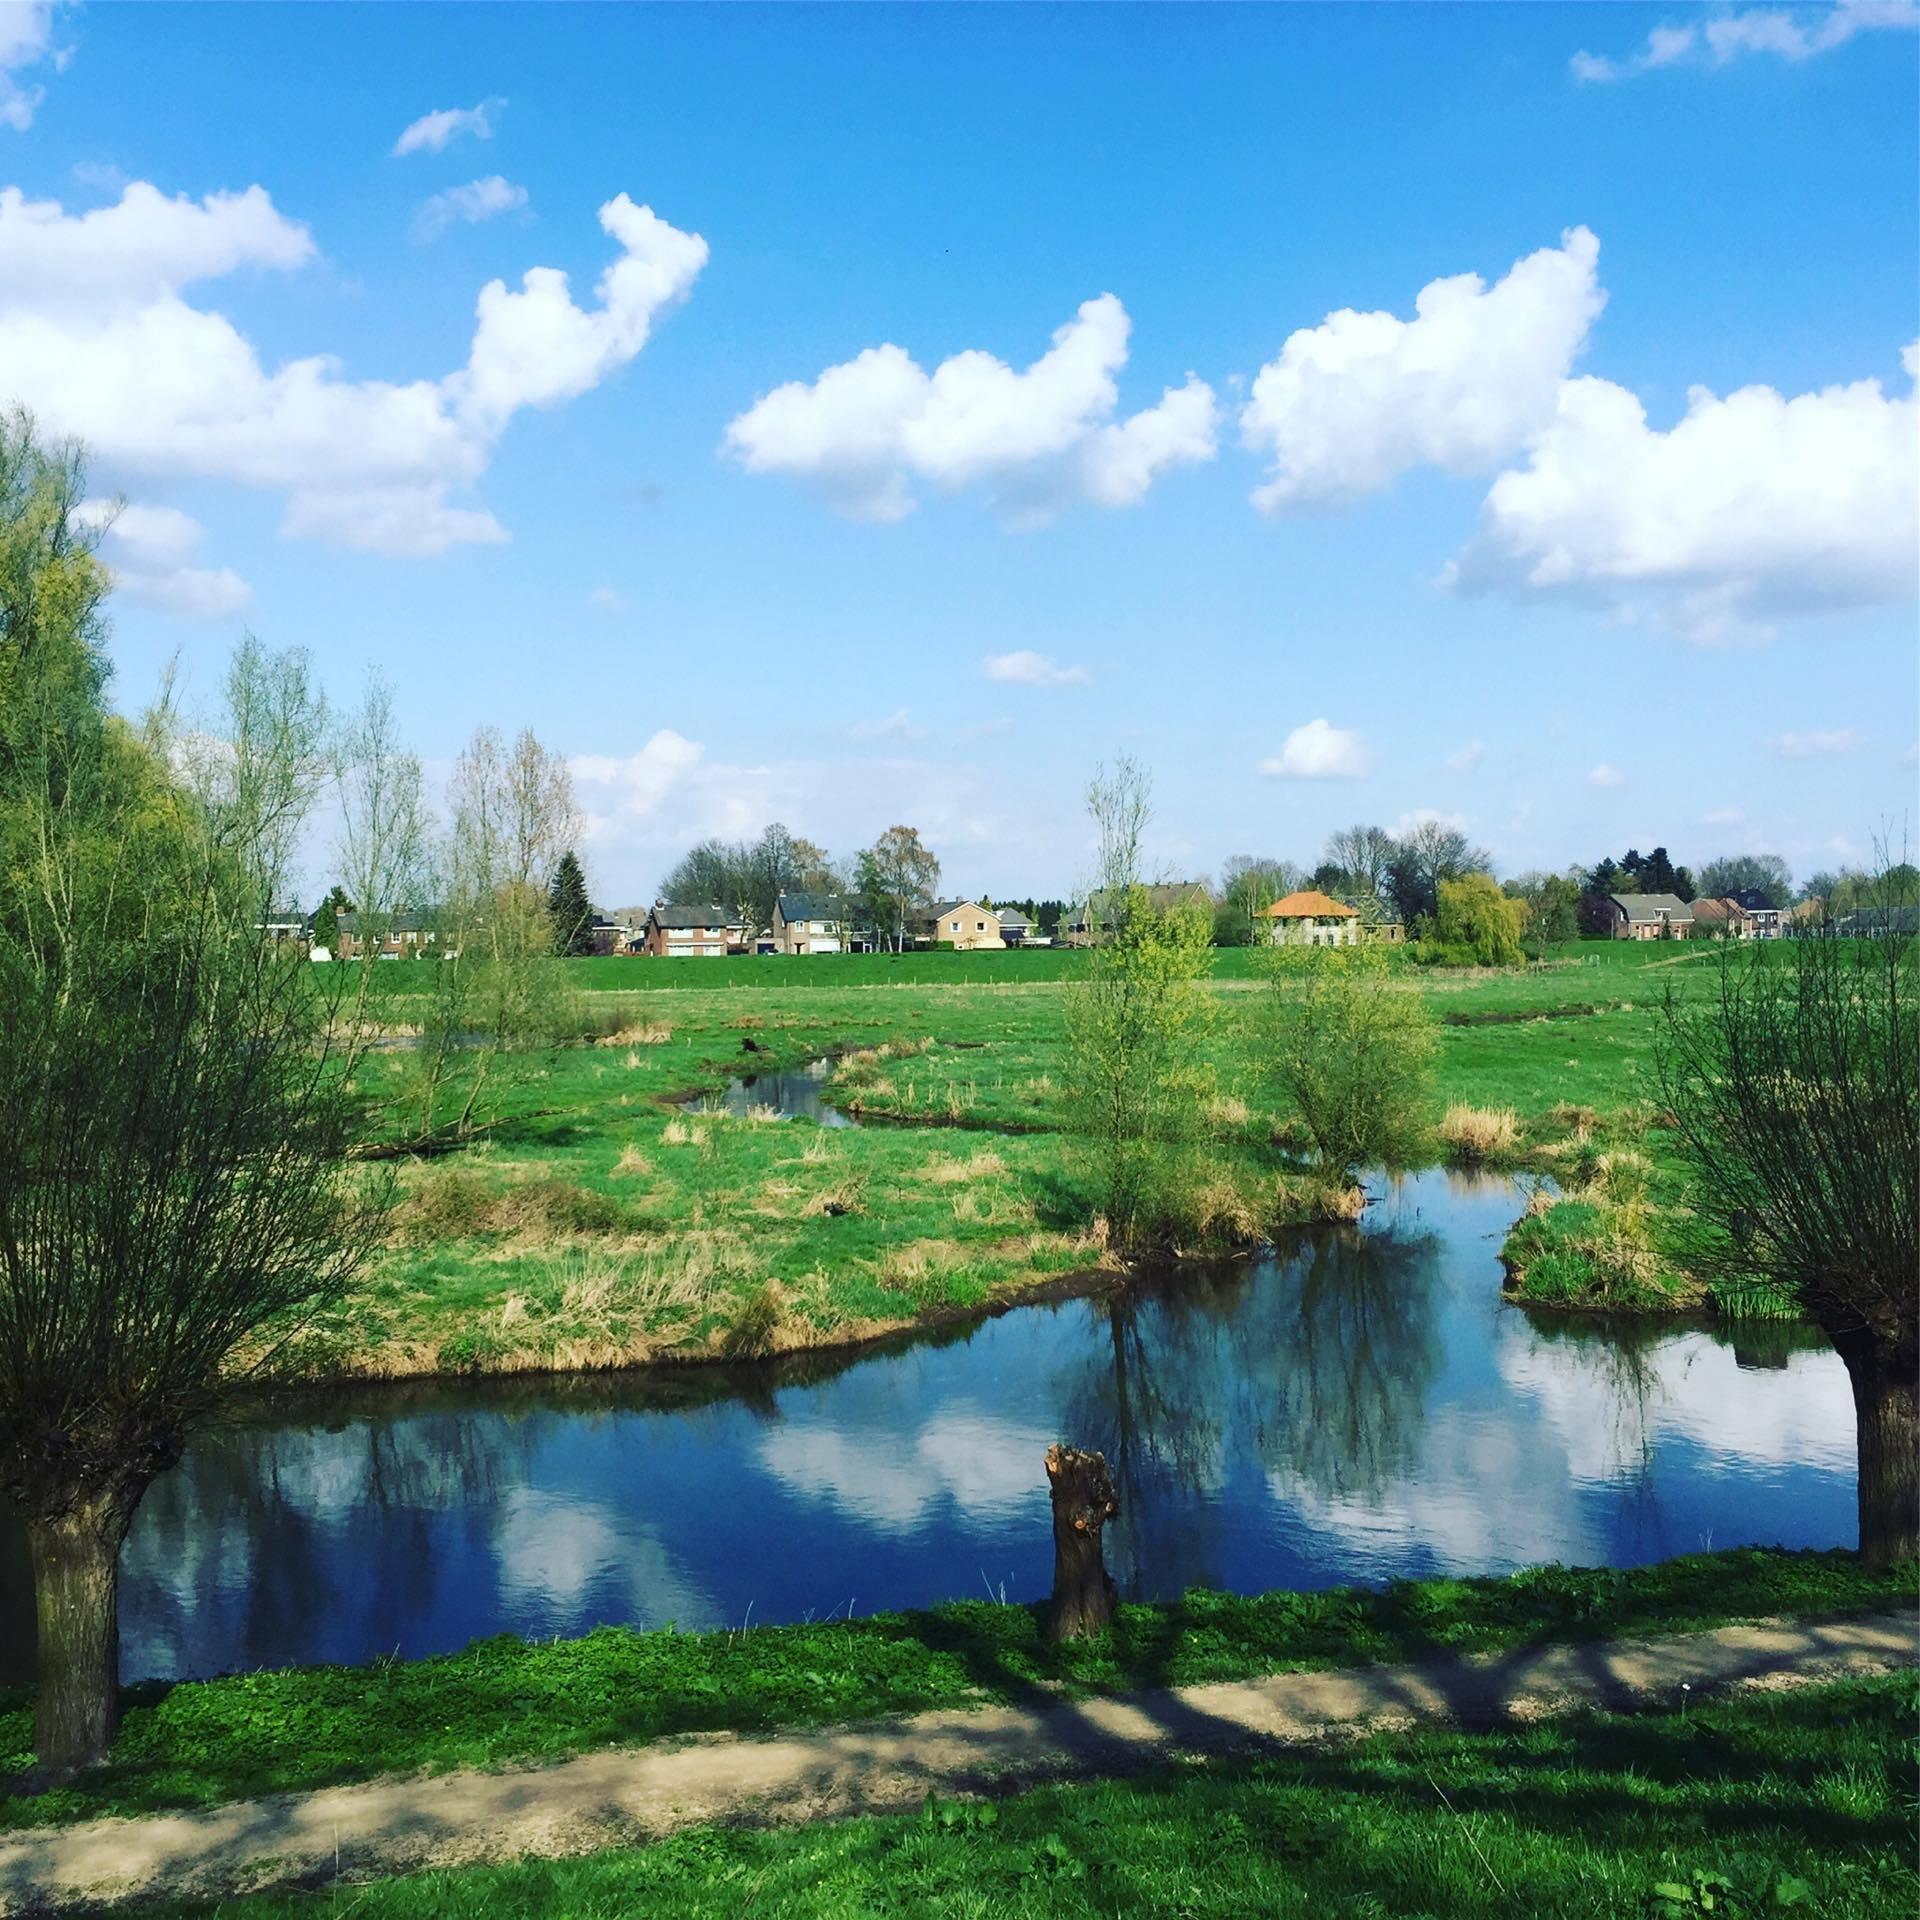 Gennep Gezien: Heerlijk lenteweer in Gennep!